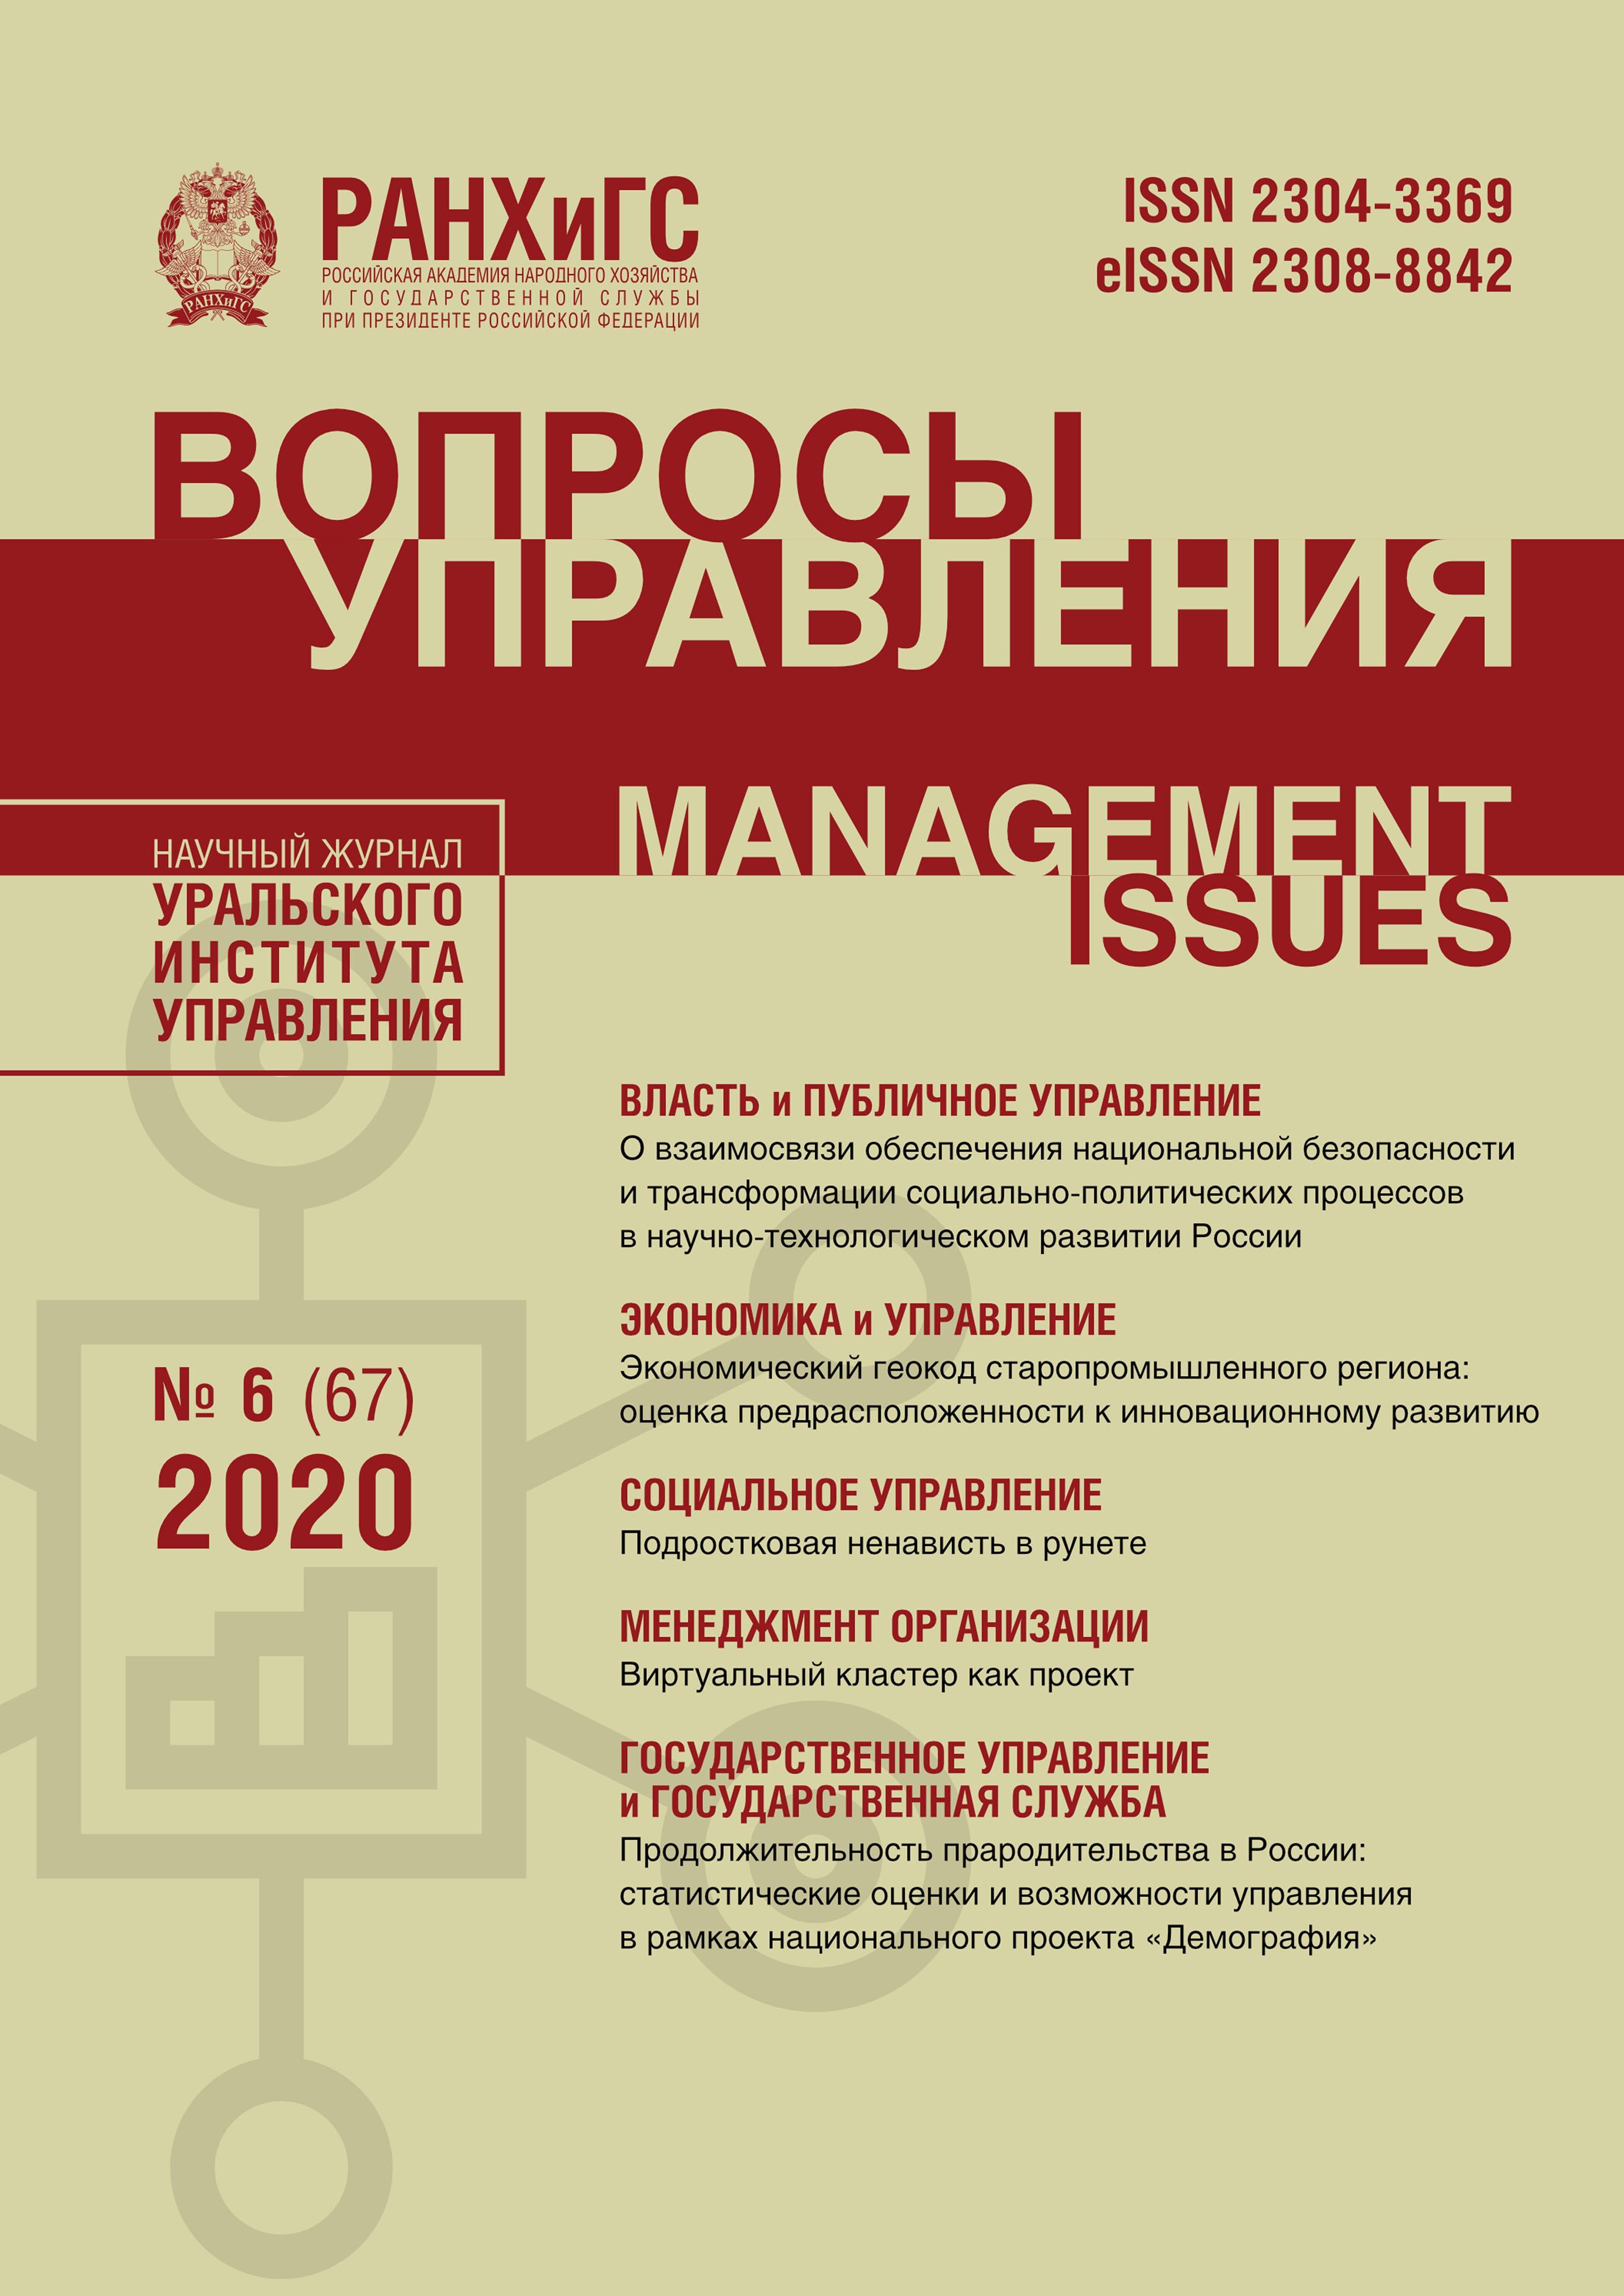 Вопросы управления №6 (67) 2020